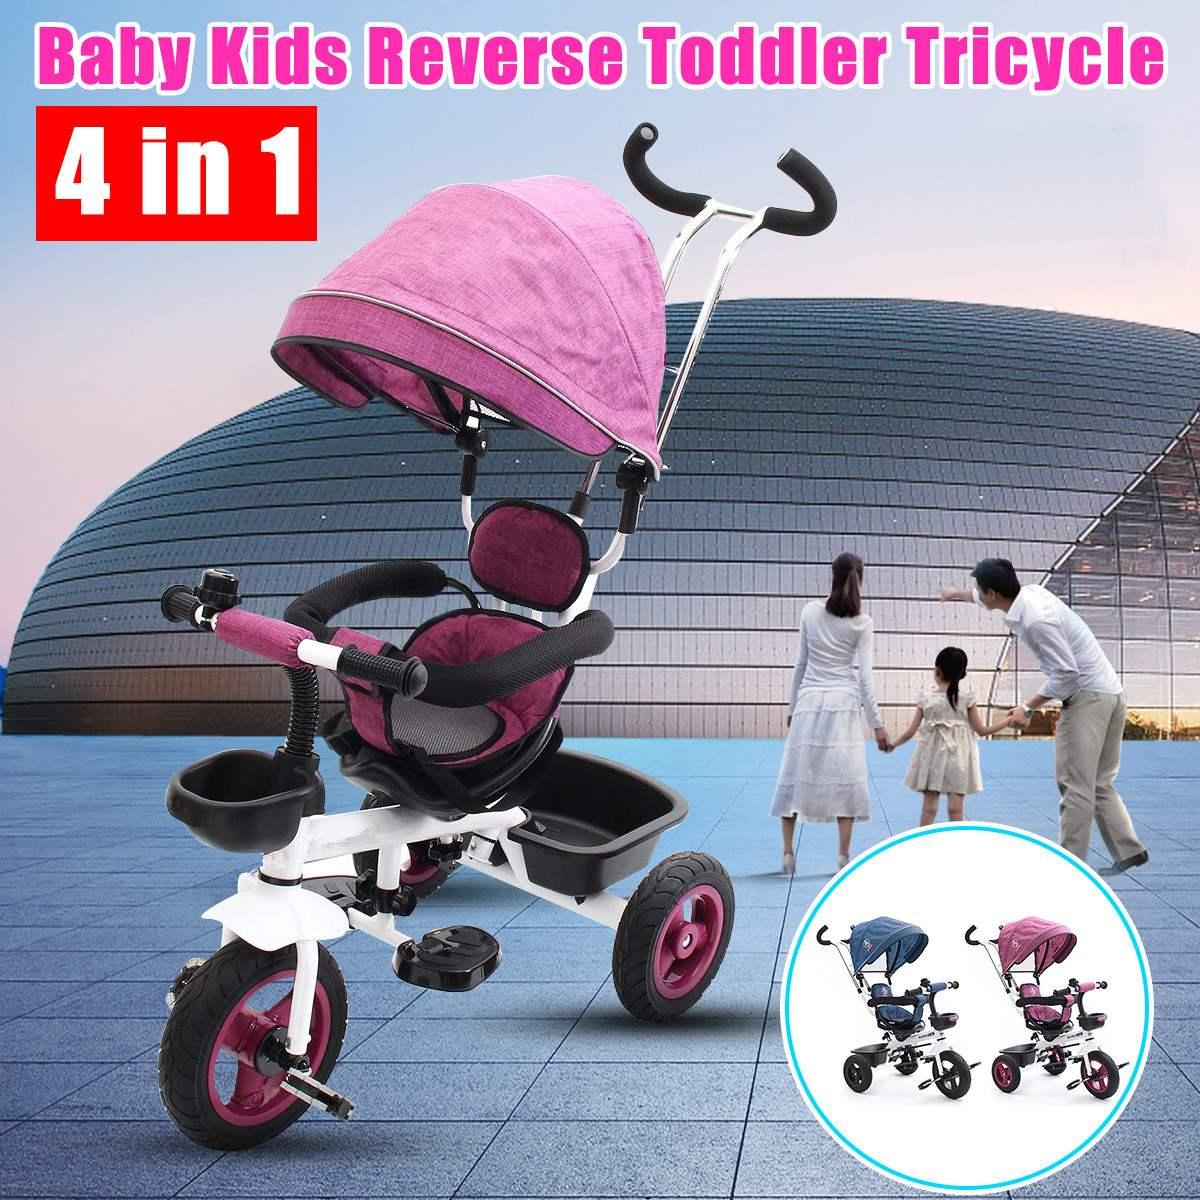 4 en 1 Ride-On jouets bébé bambin landau Tricycle vélo Tricycle poussette enfants baldaquin bébé sièges auto poussette